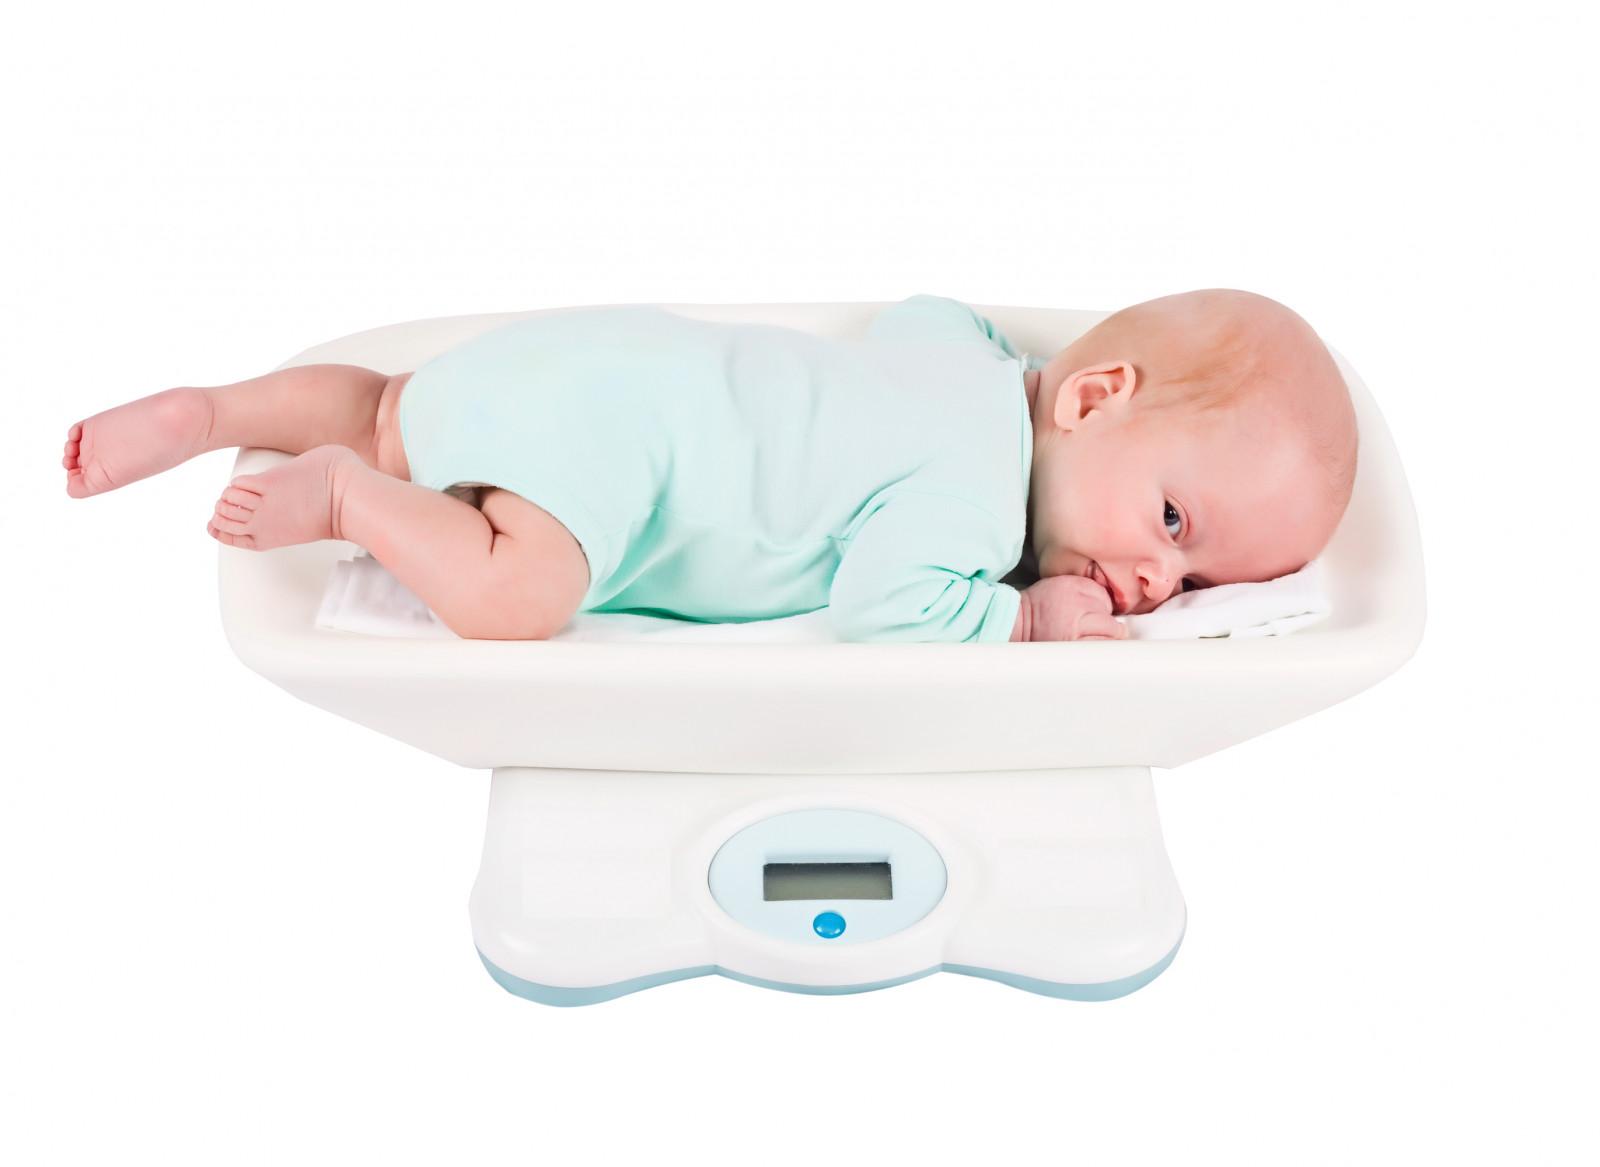 Питание ребенка в возрасте 2-4 месяца